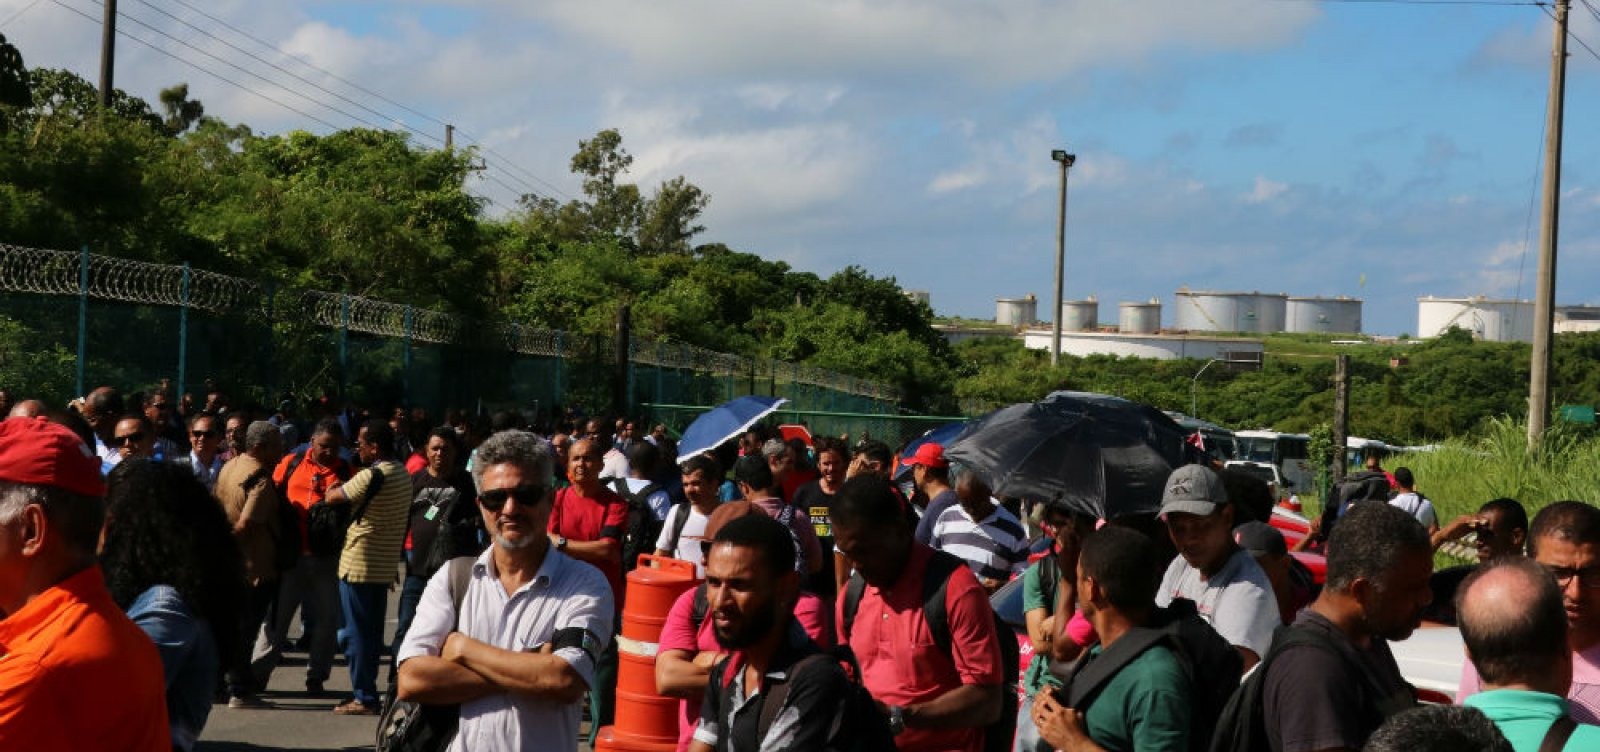 [Trabalhadores protestam contra venda da Refinaria Landulpho Alves ]